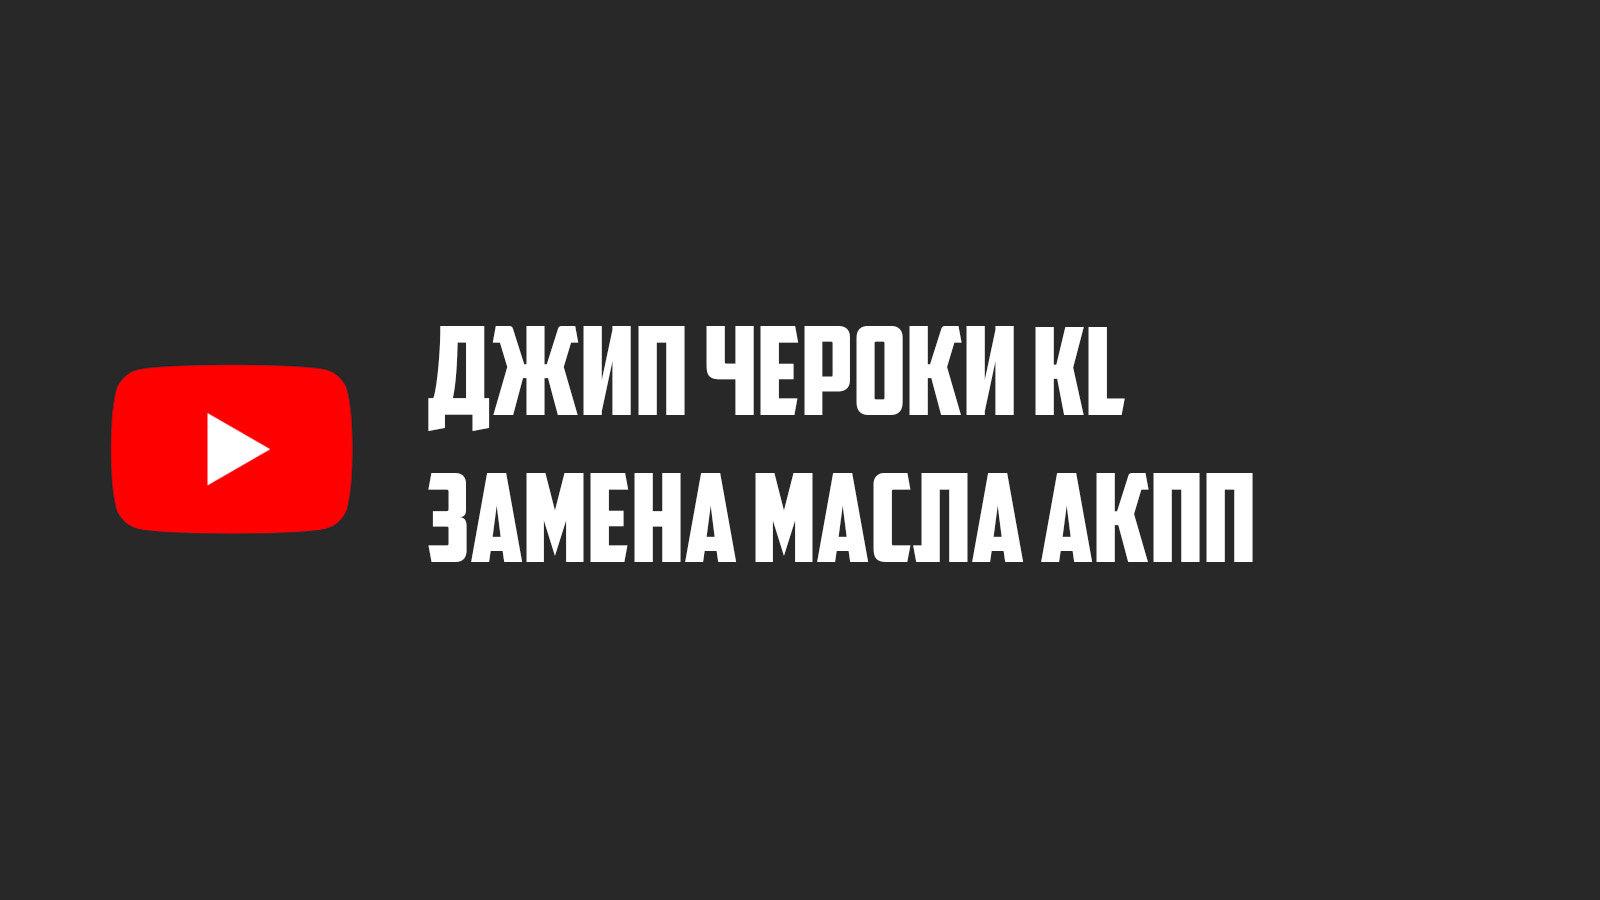 Замена масла АКПП Джип Чероки KL